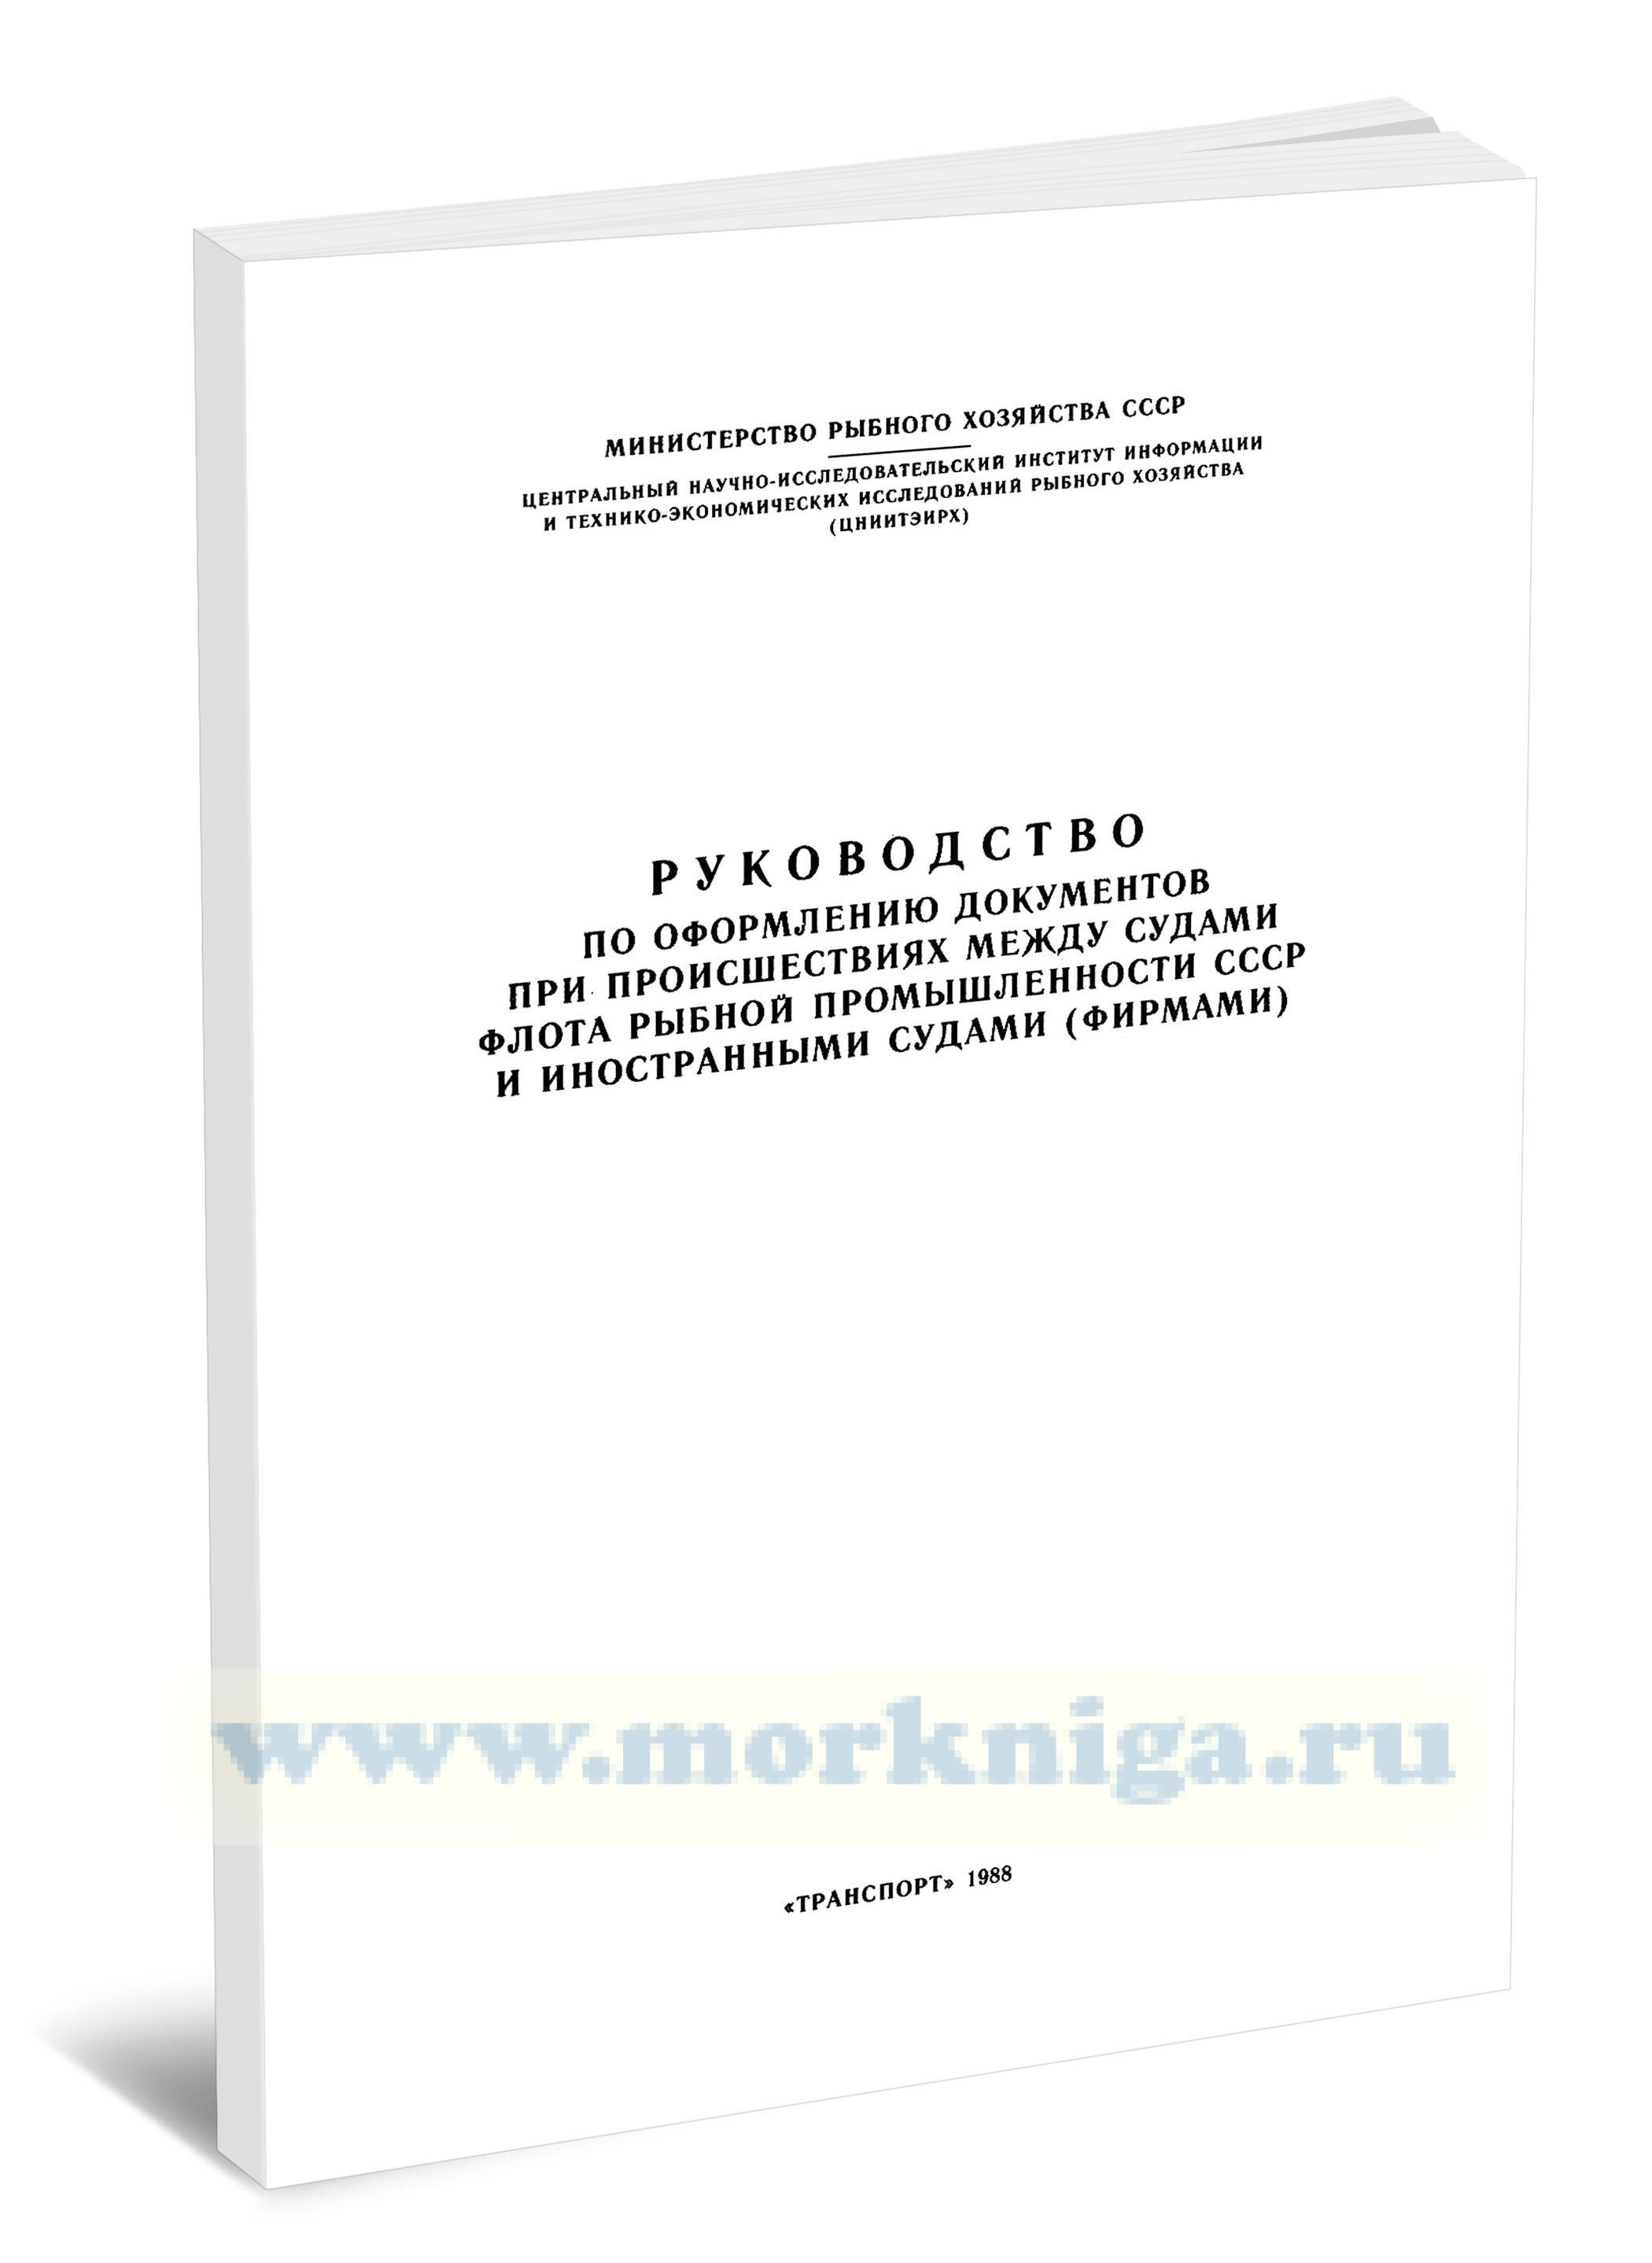 Руководство по оформлению документов при происшествии между судами рыбной промышленности СССР и иностранными судами (фирмами)